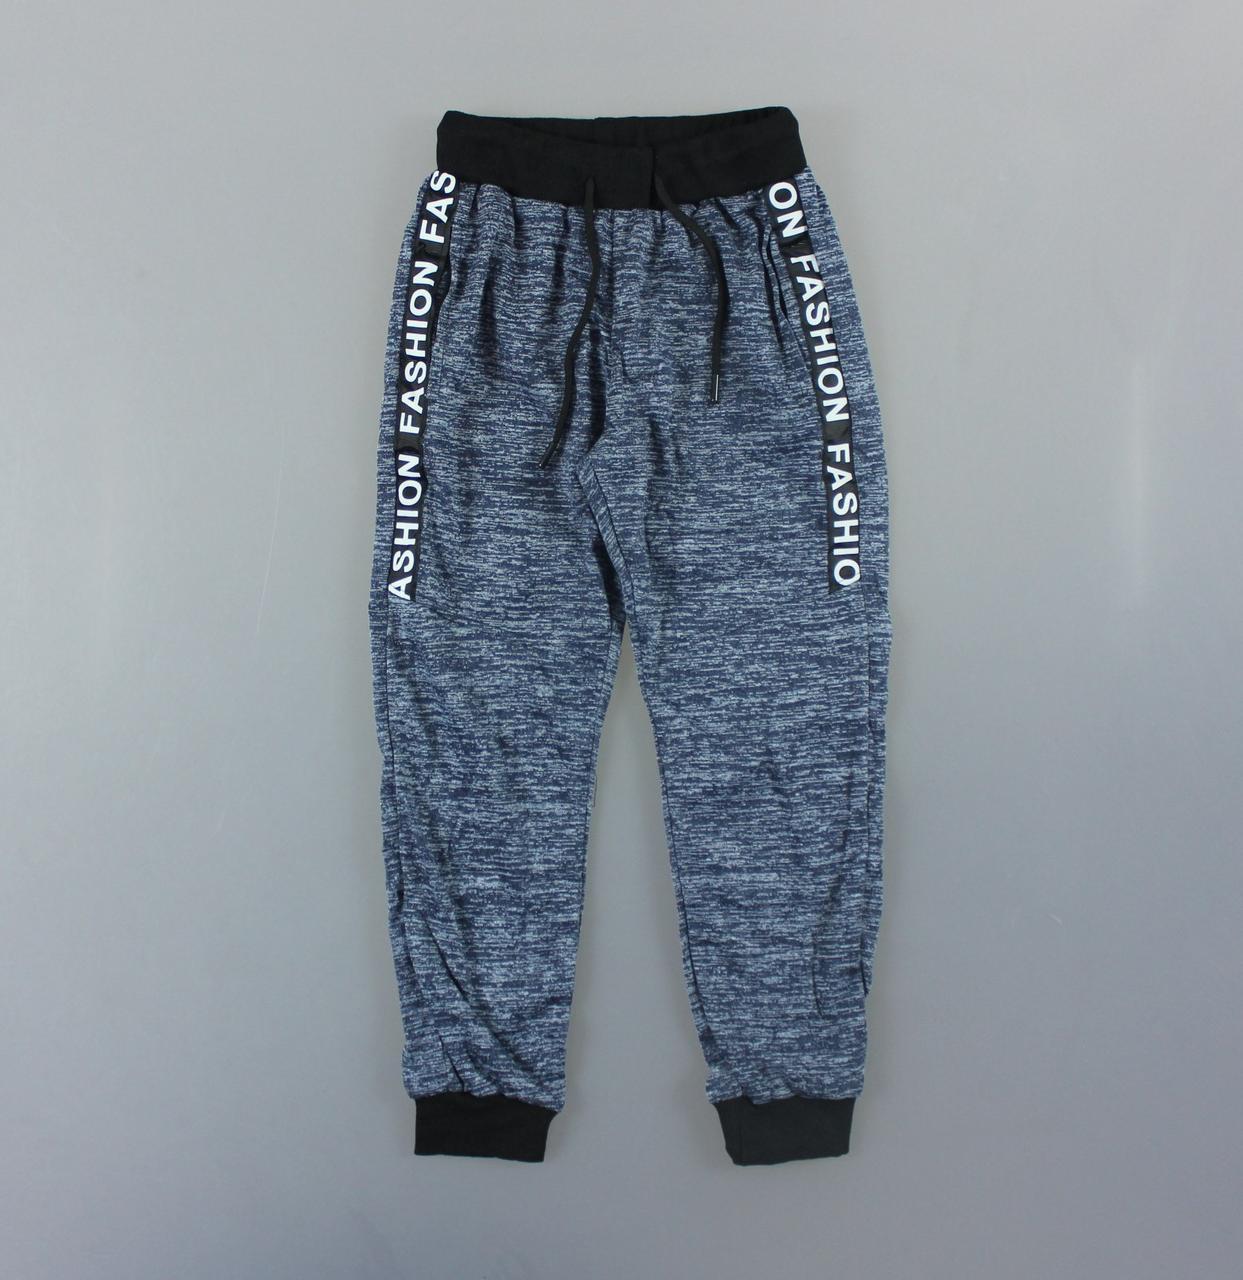 {есть:8 лет} Спортивные брюки для мальчиков Seagull, Артикул: CSQ61004 [8 лет]